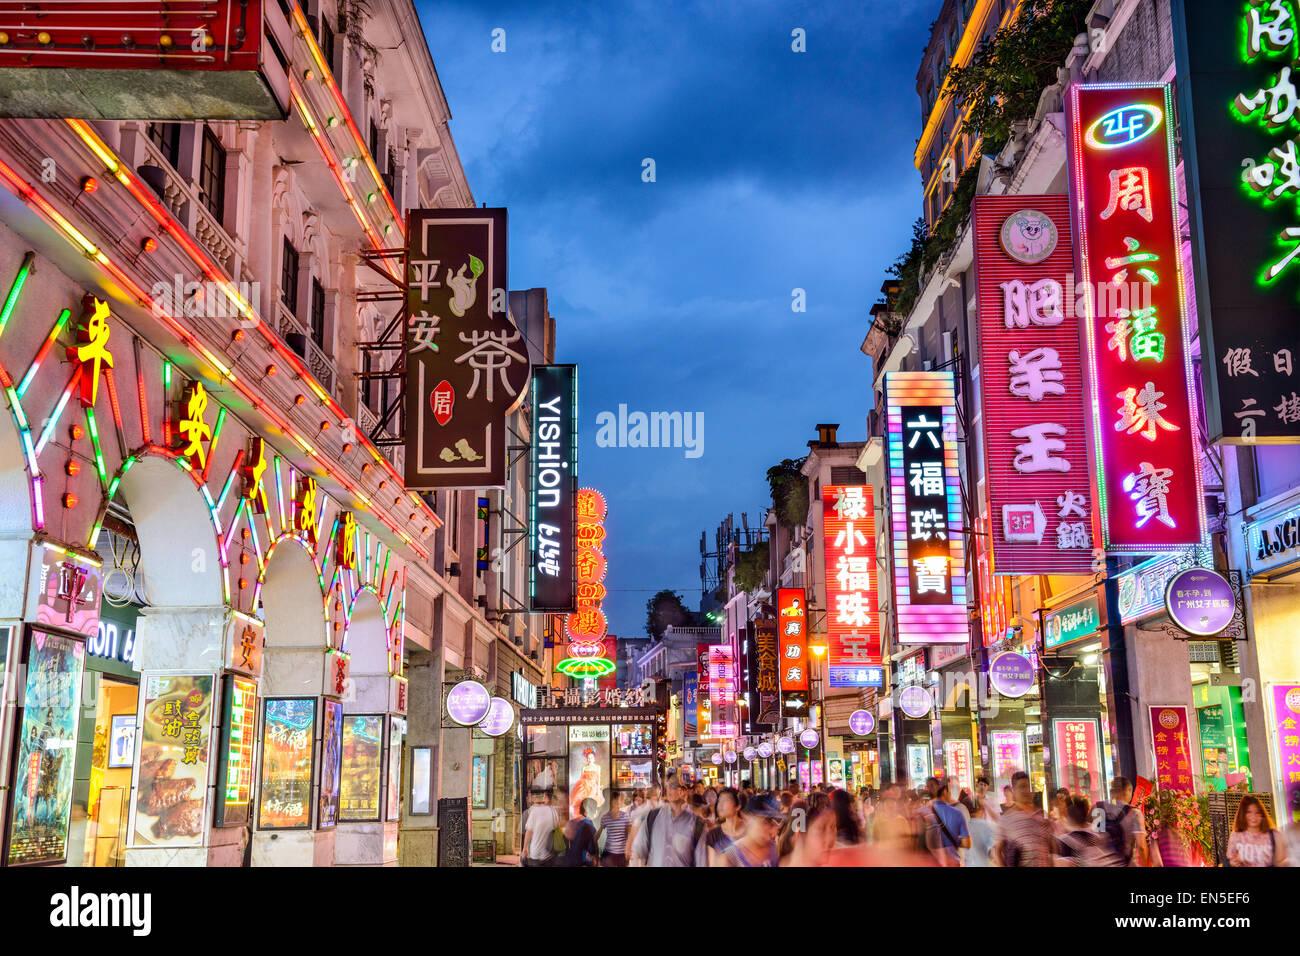 Los peatones pasan a través de la calle peatonal de Shangxiajiu en Guangzhou, China. Imagen De Stock